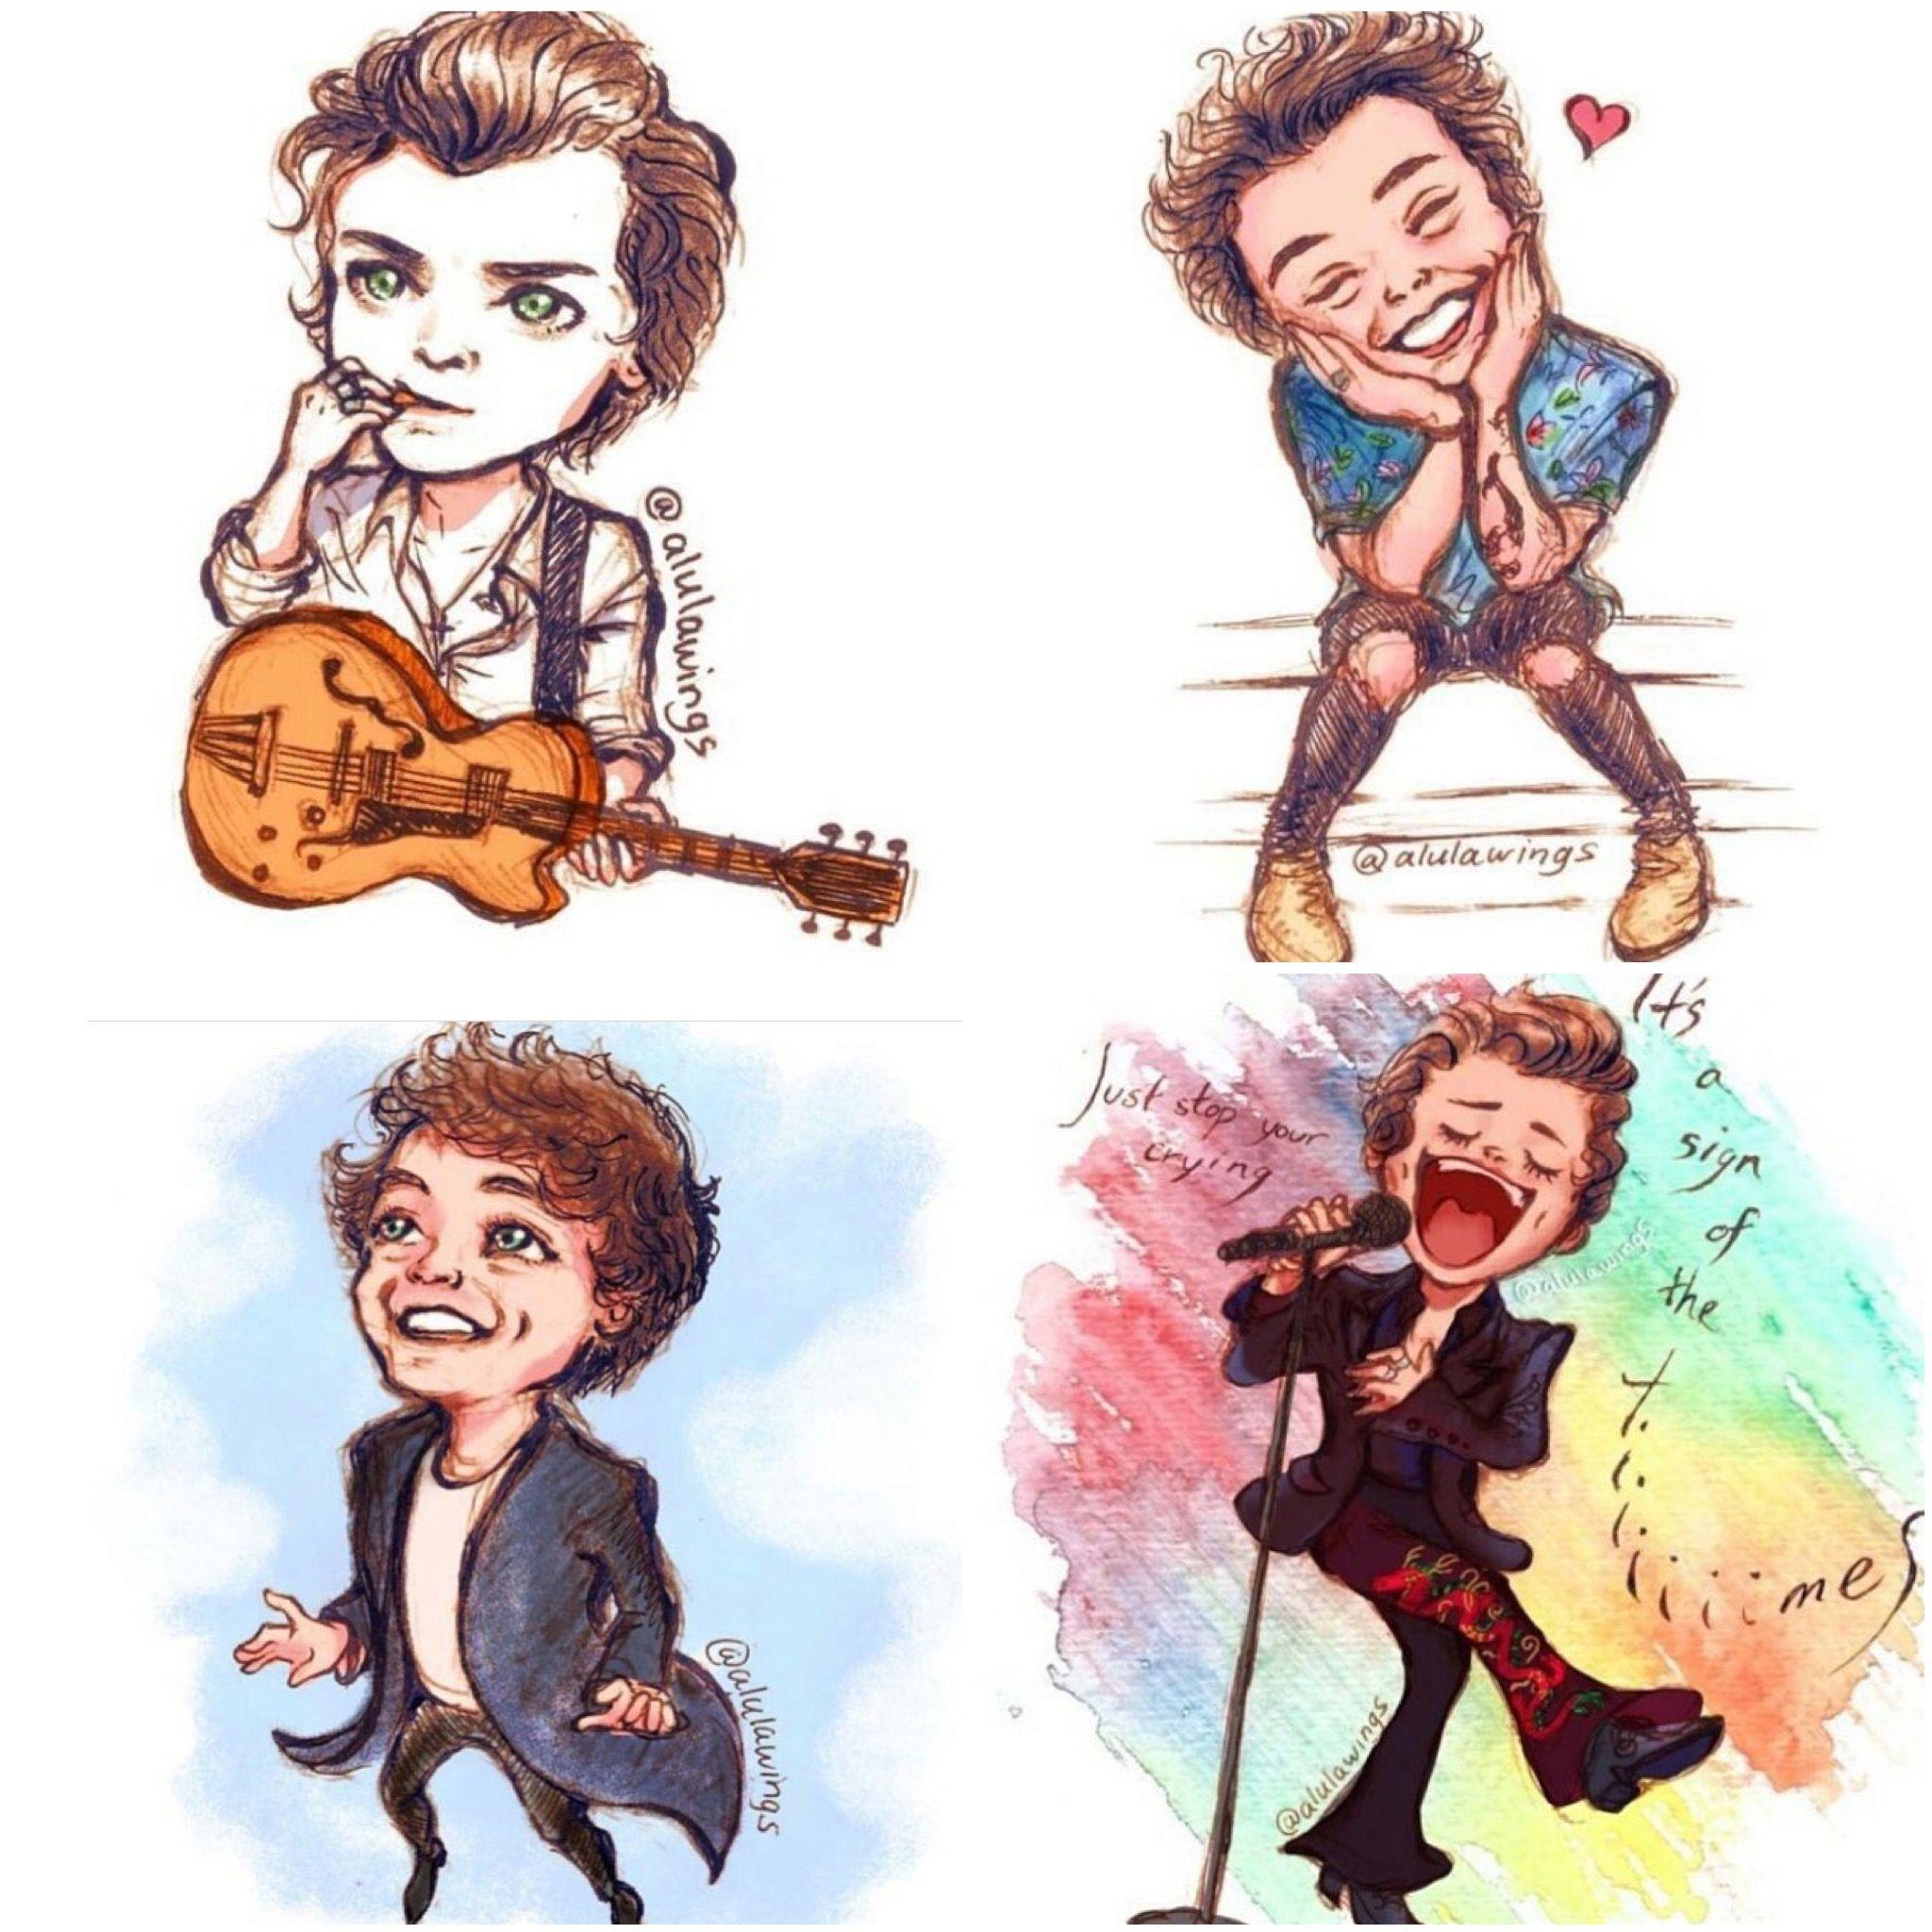 Harry styles fan art in 2019.